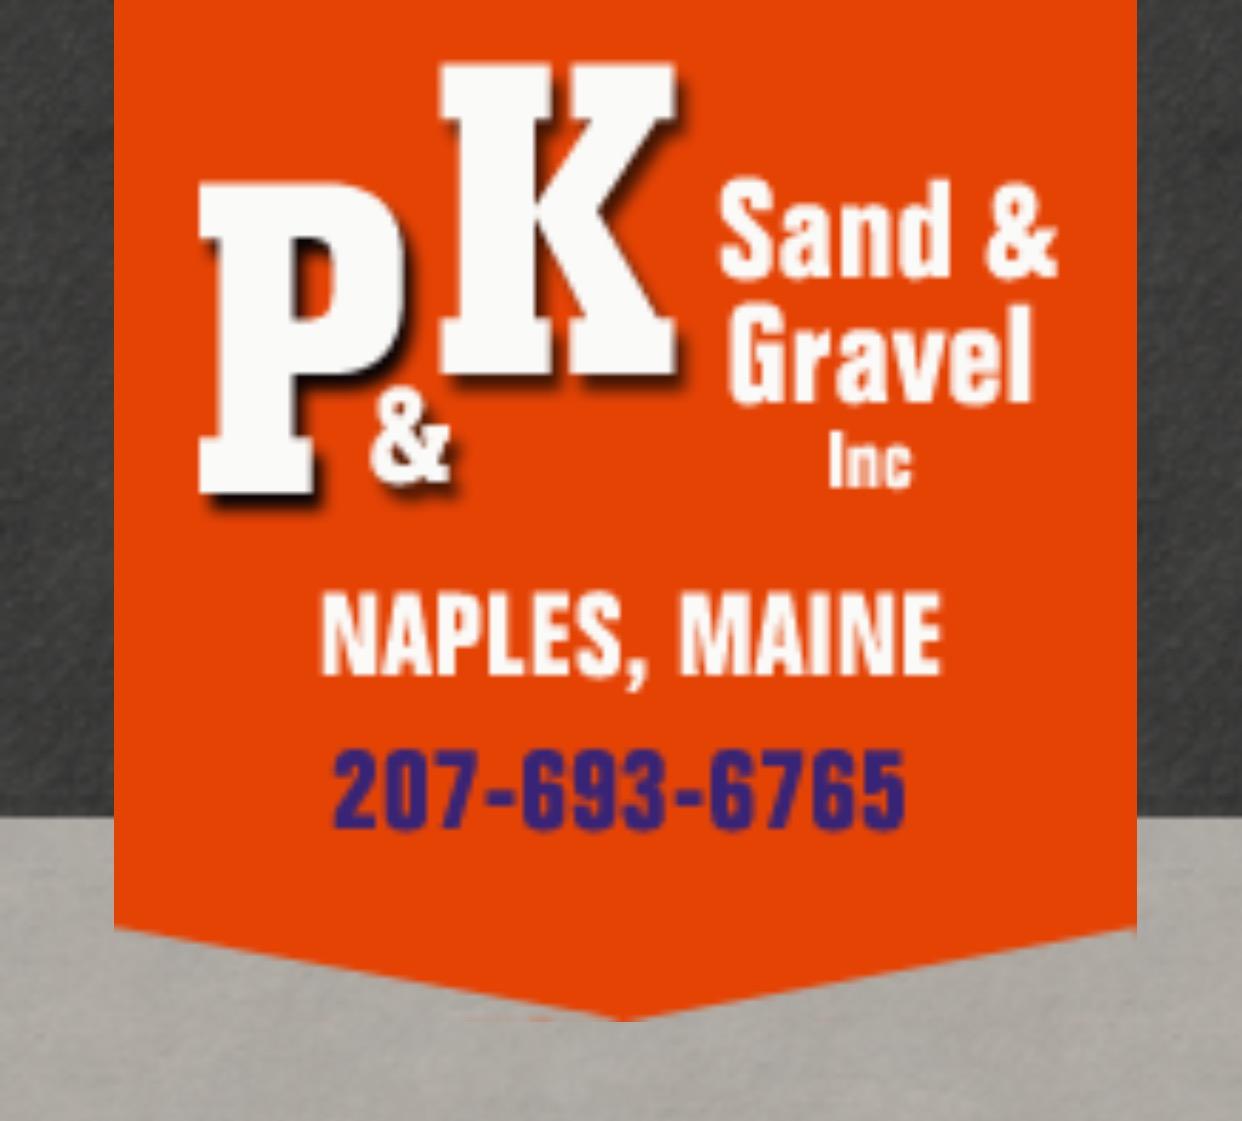 P&K Sand & Gravel